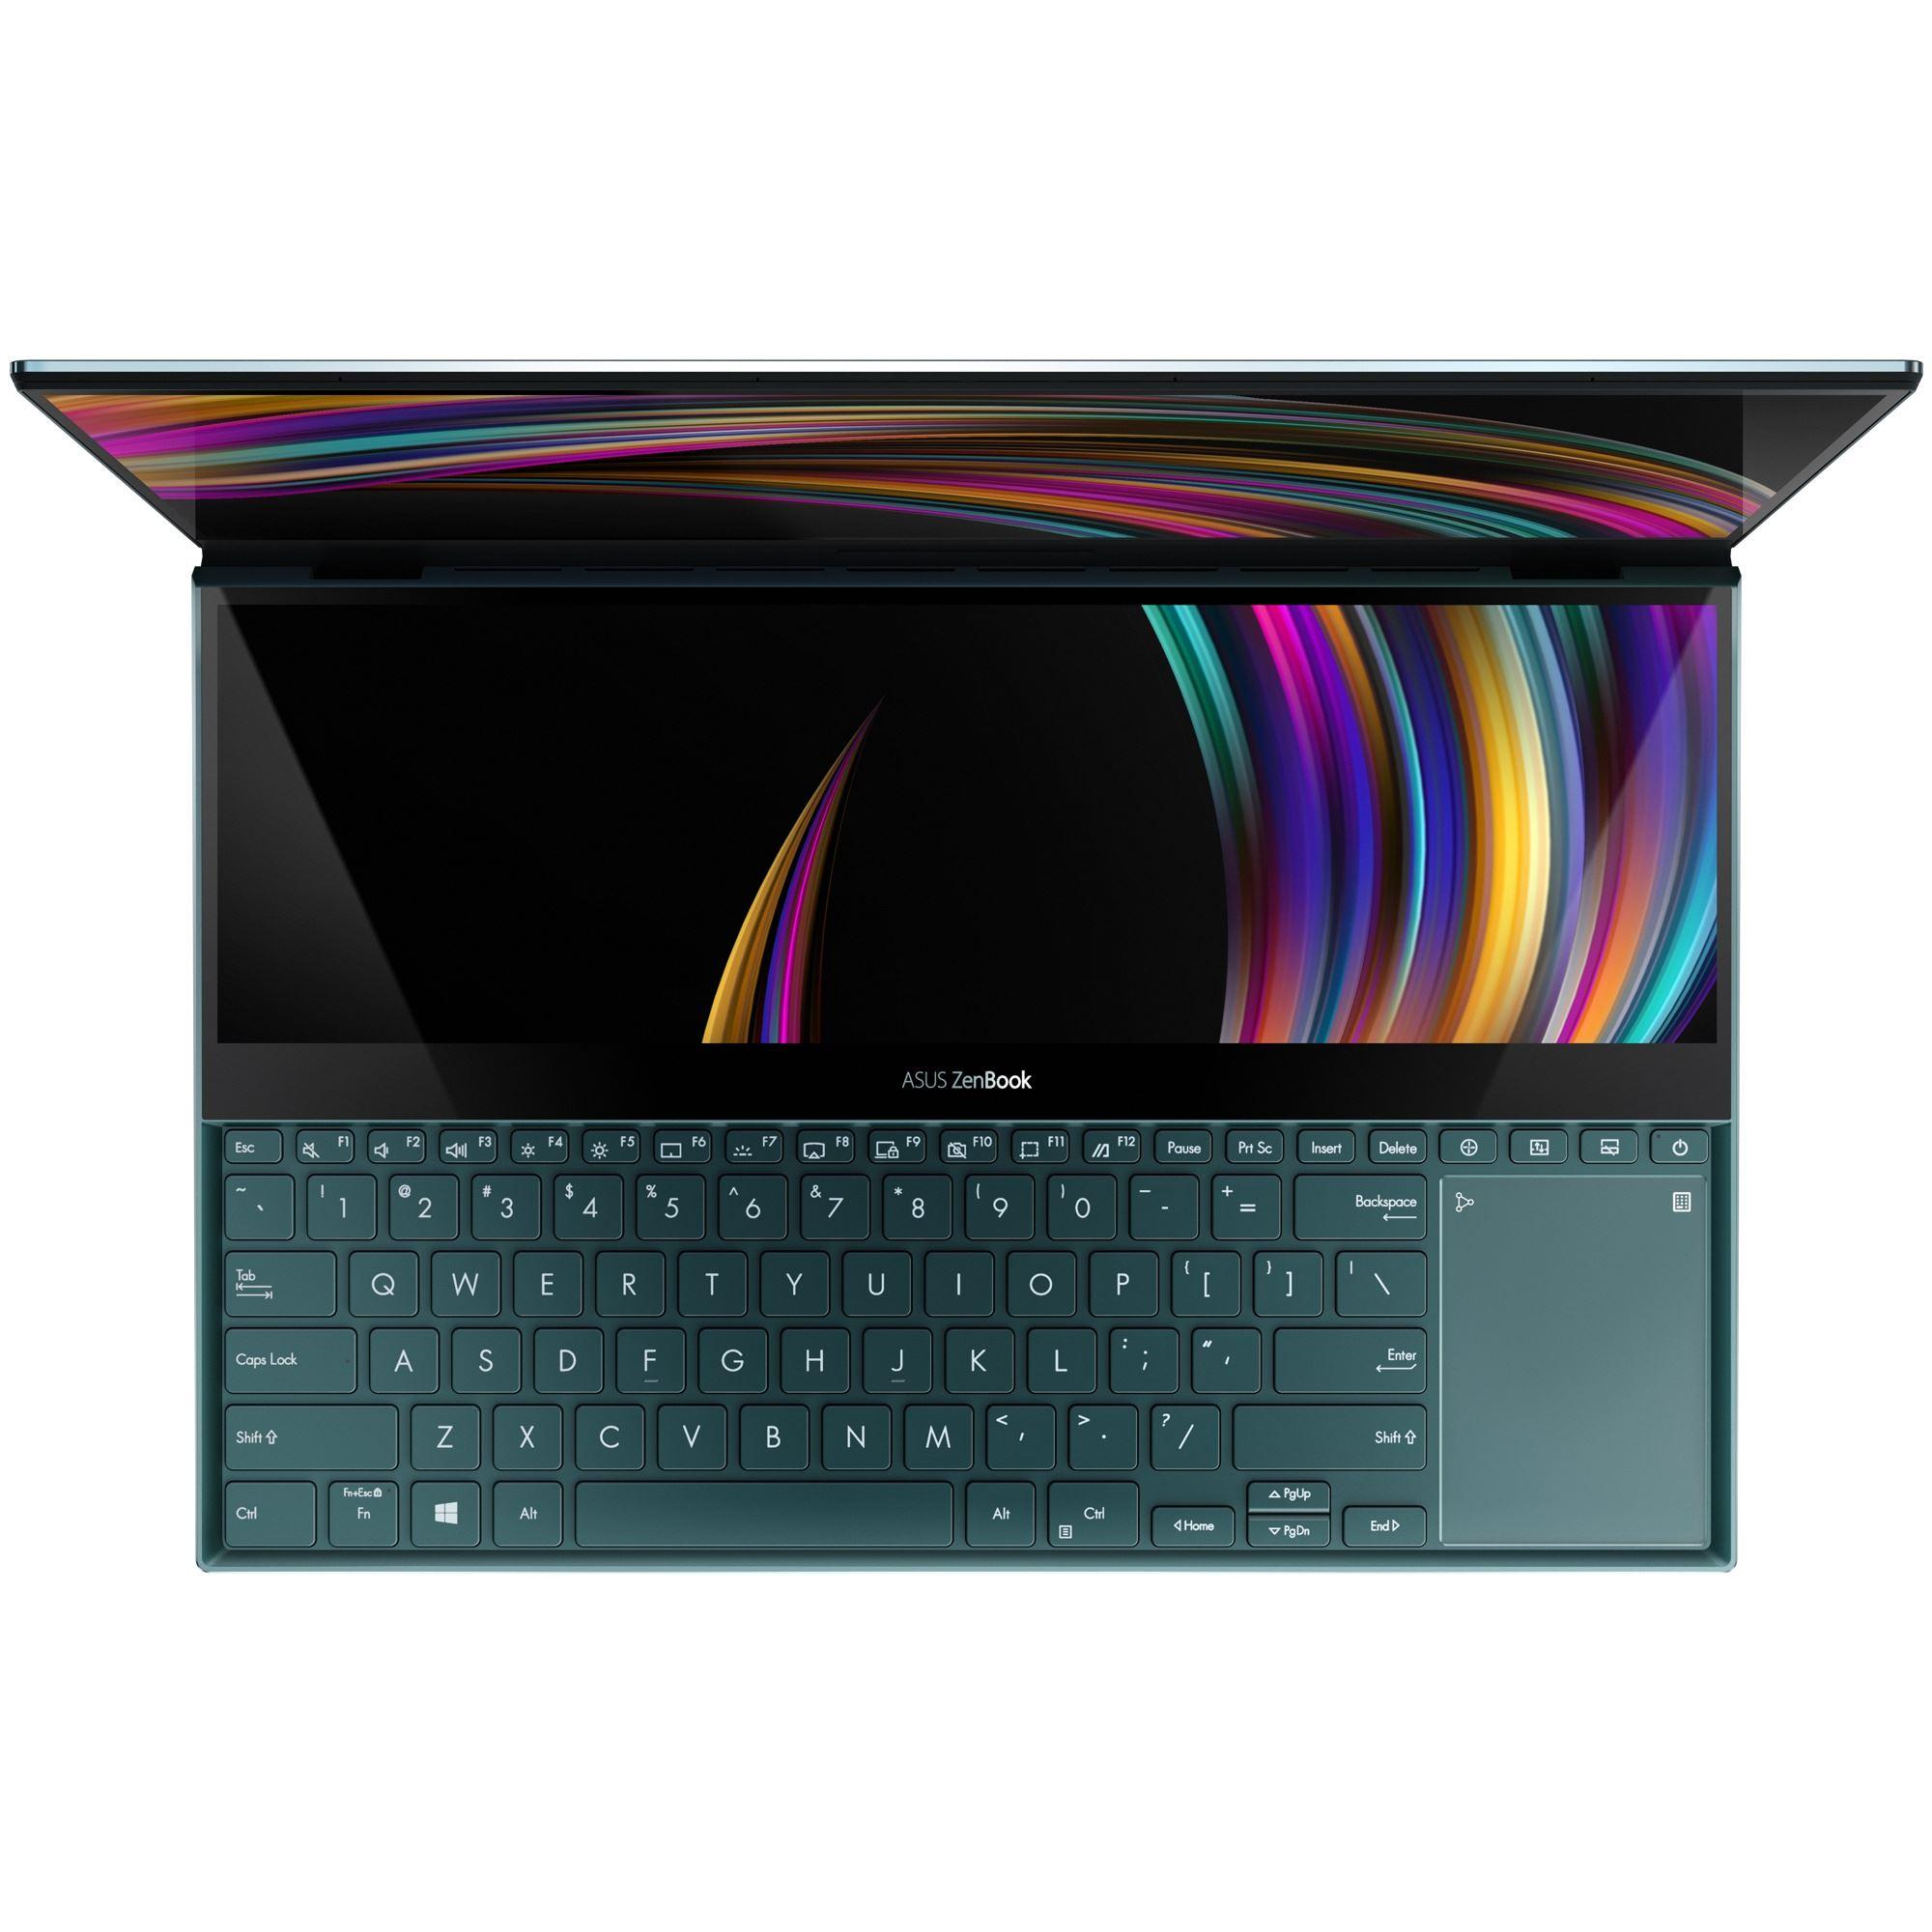 Asus-Zenbook-Pro-Duo-UX581-10